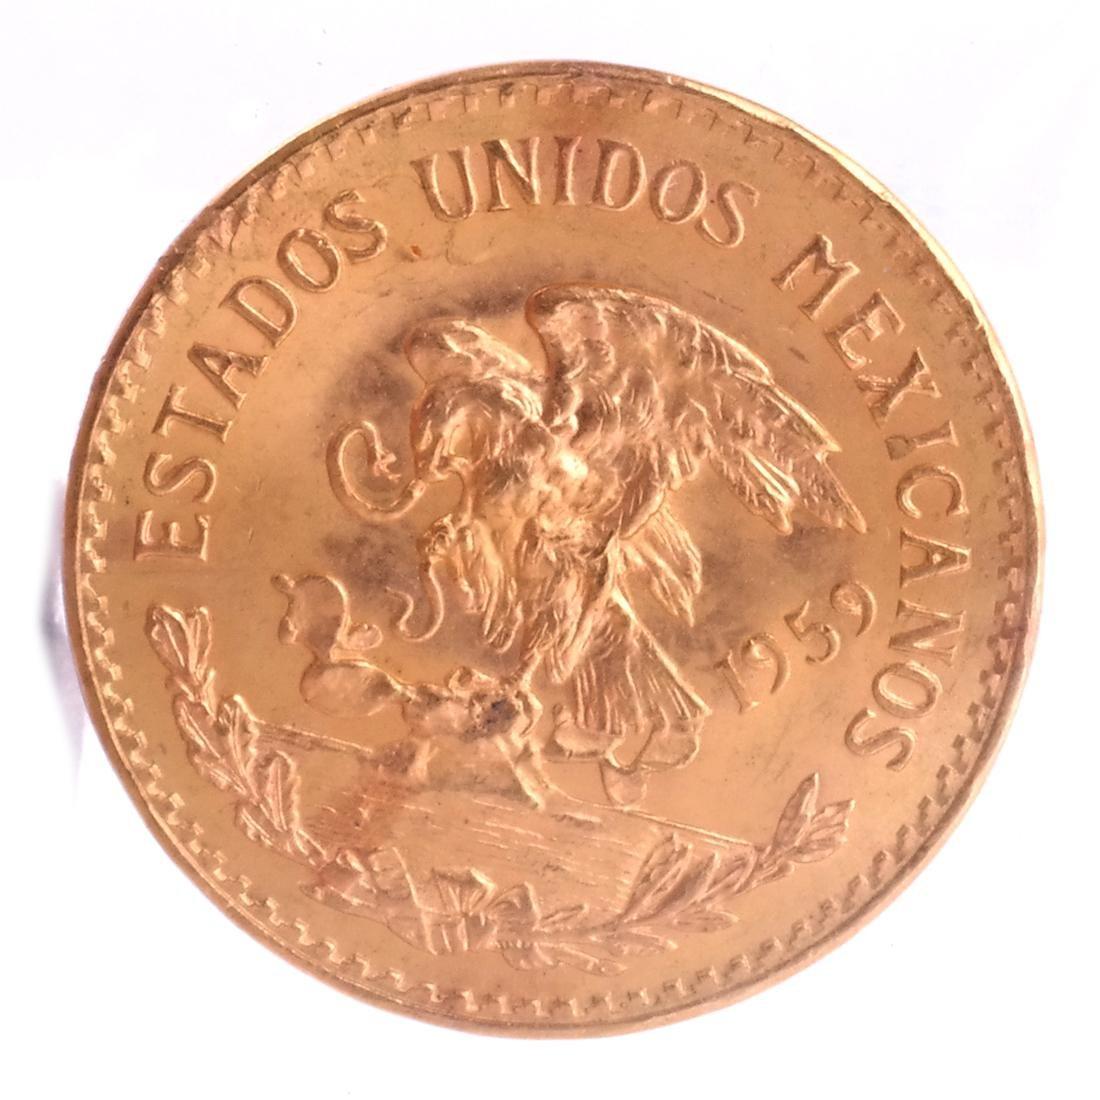 1959 Mexico Veinte Pesos Gold Coin - 2